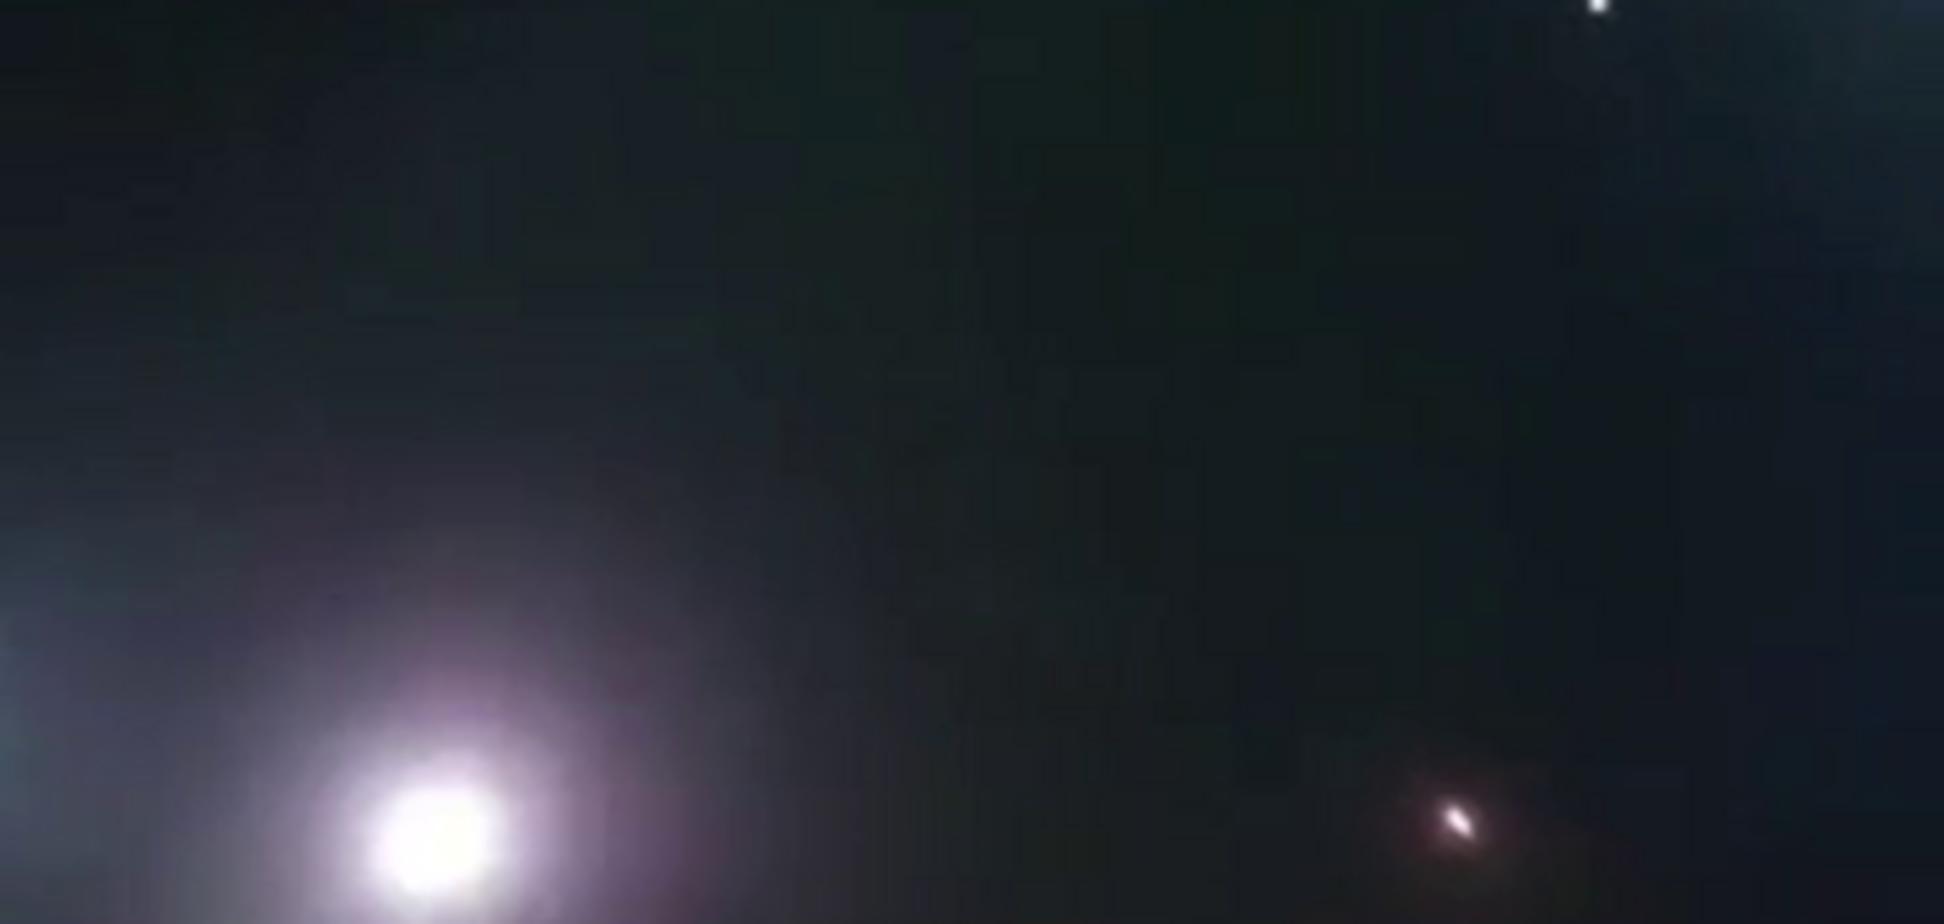 Ракетный залп во время футбольного матча попал на видео